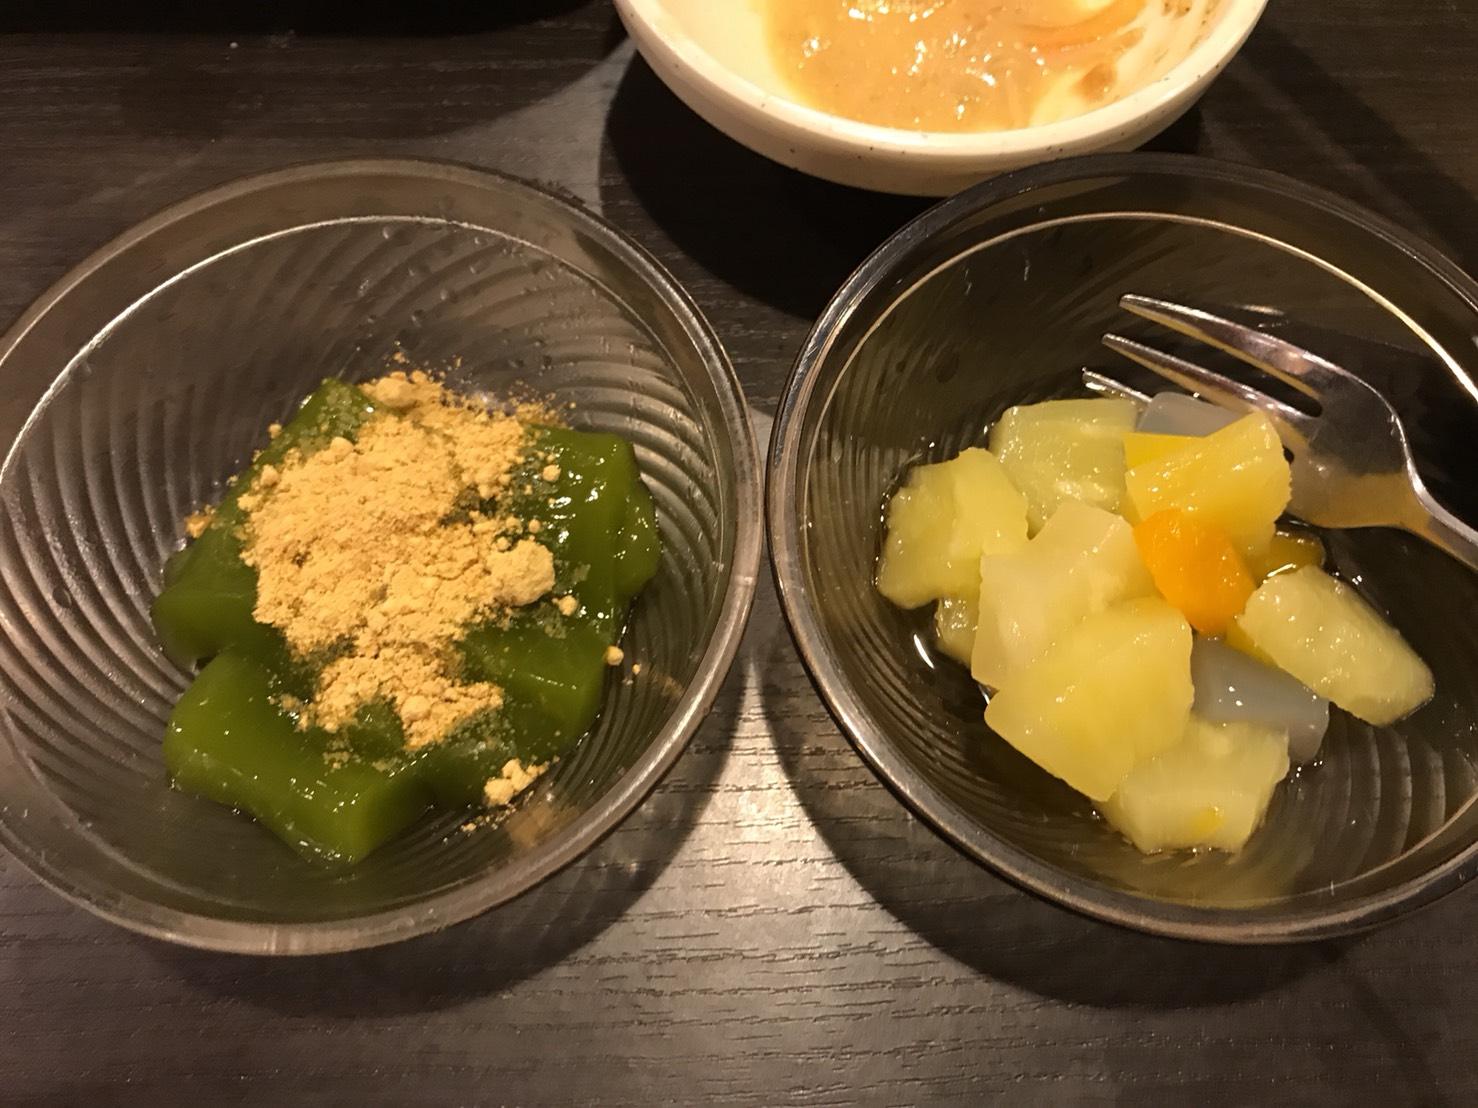 抹茶くず餅(ディナー限定)、ナタデココ入りミックスフルーツ